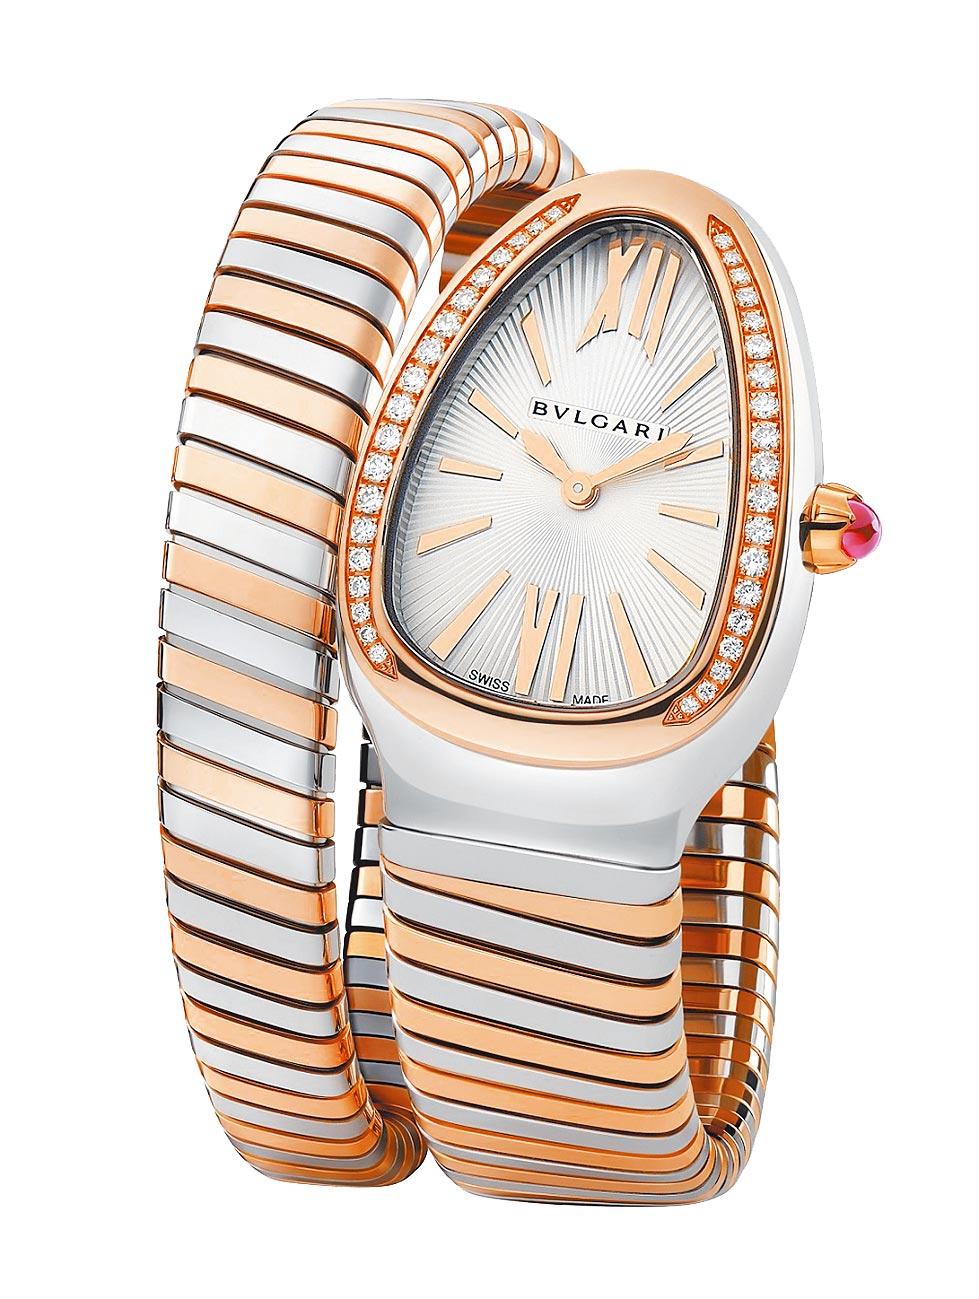 寶格麗Serpenti Tubogas玫瑰金精鋼單圈鑲鑽腕表,41萬3400元。(BVLGARI提供)